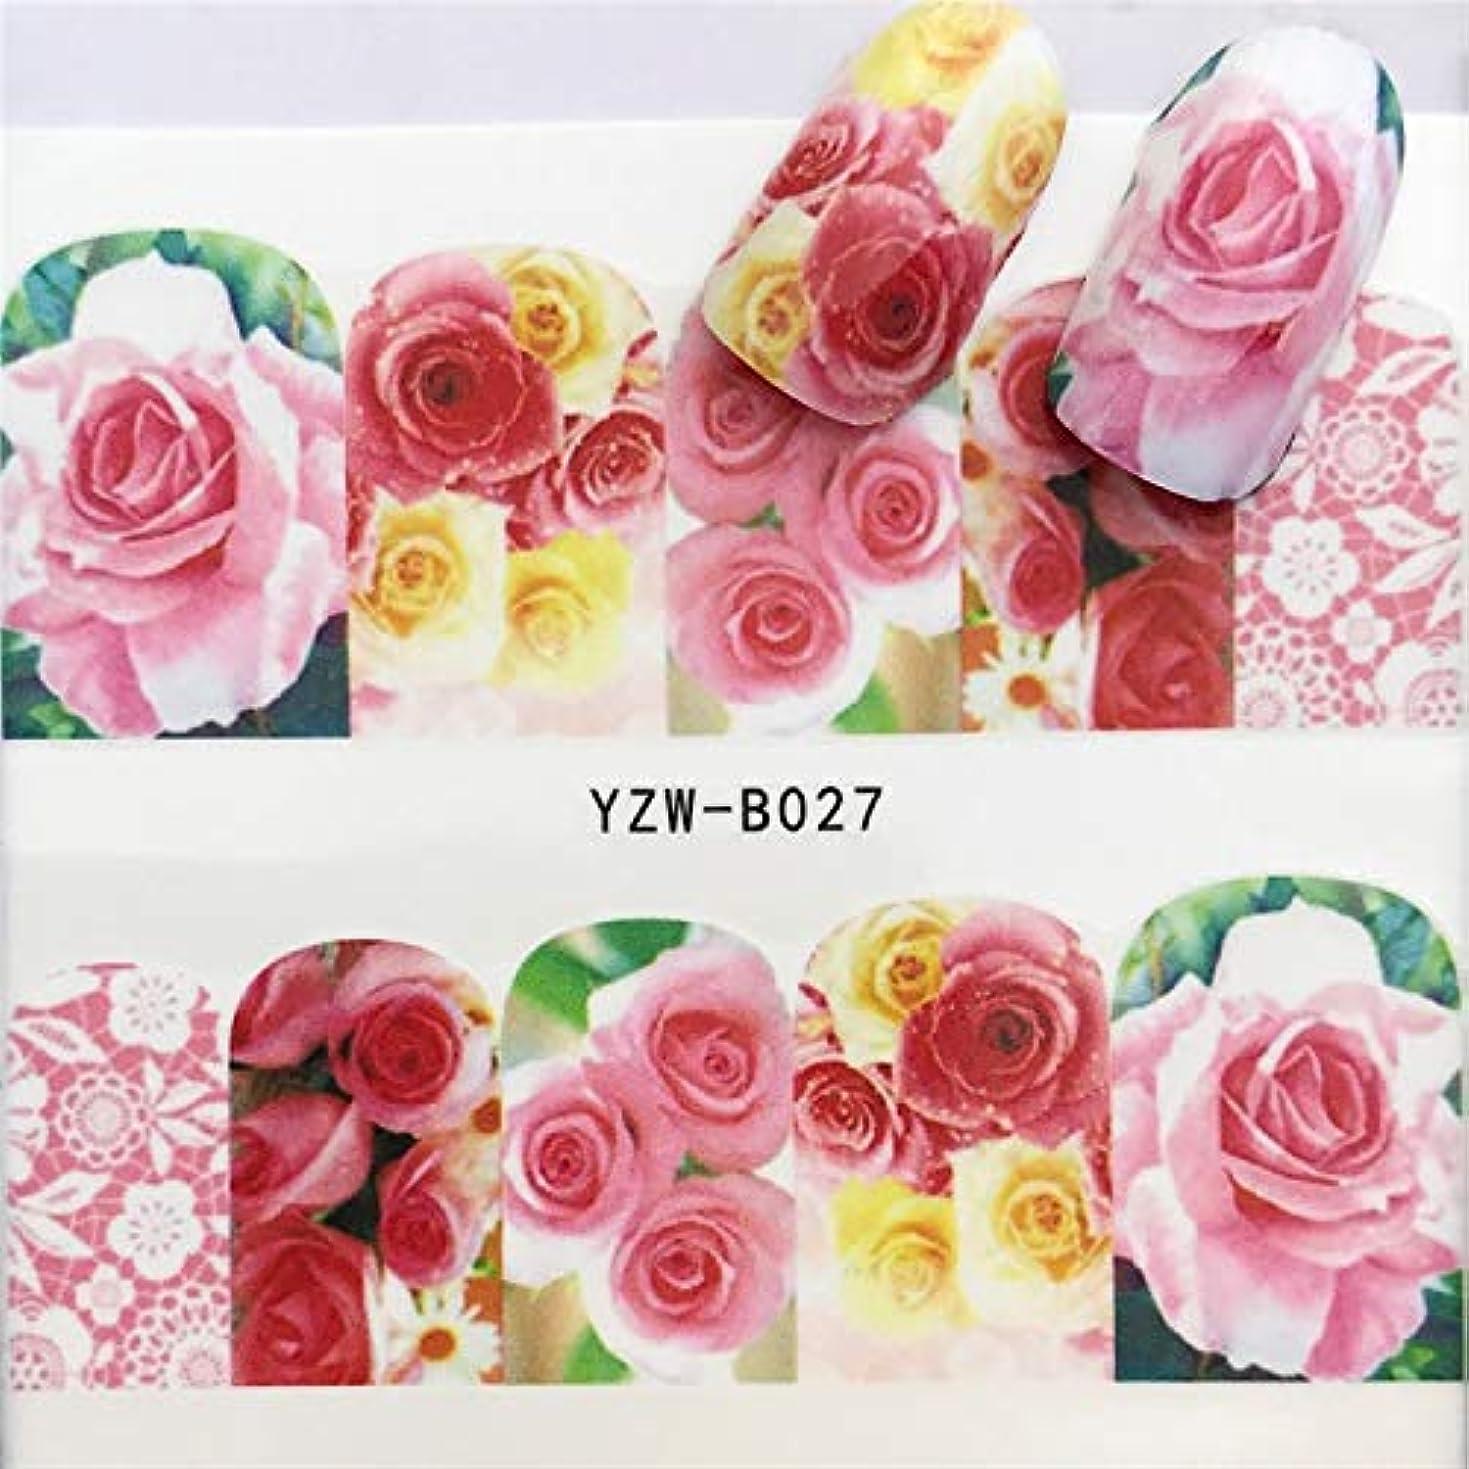 ゲストめまいが構成するFlysea ネイルステッカー3 PCSネイルステッカーセットデカール水スライダーネイルズアート装飾、色転送:YZWB027を